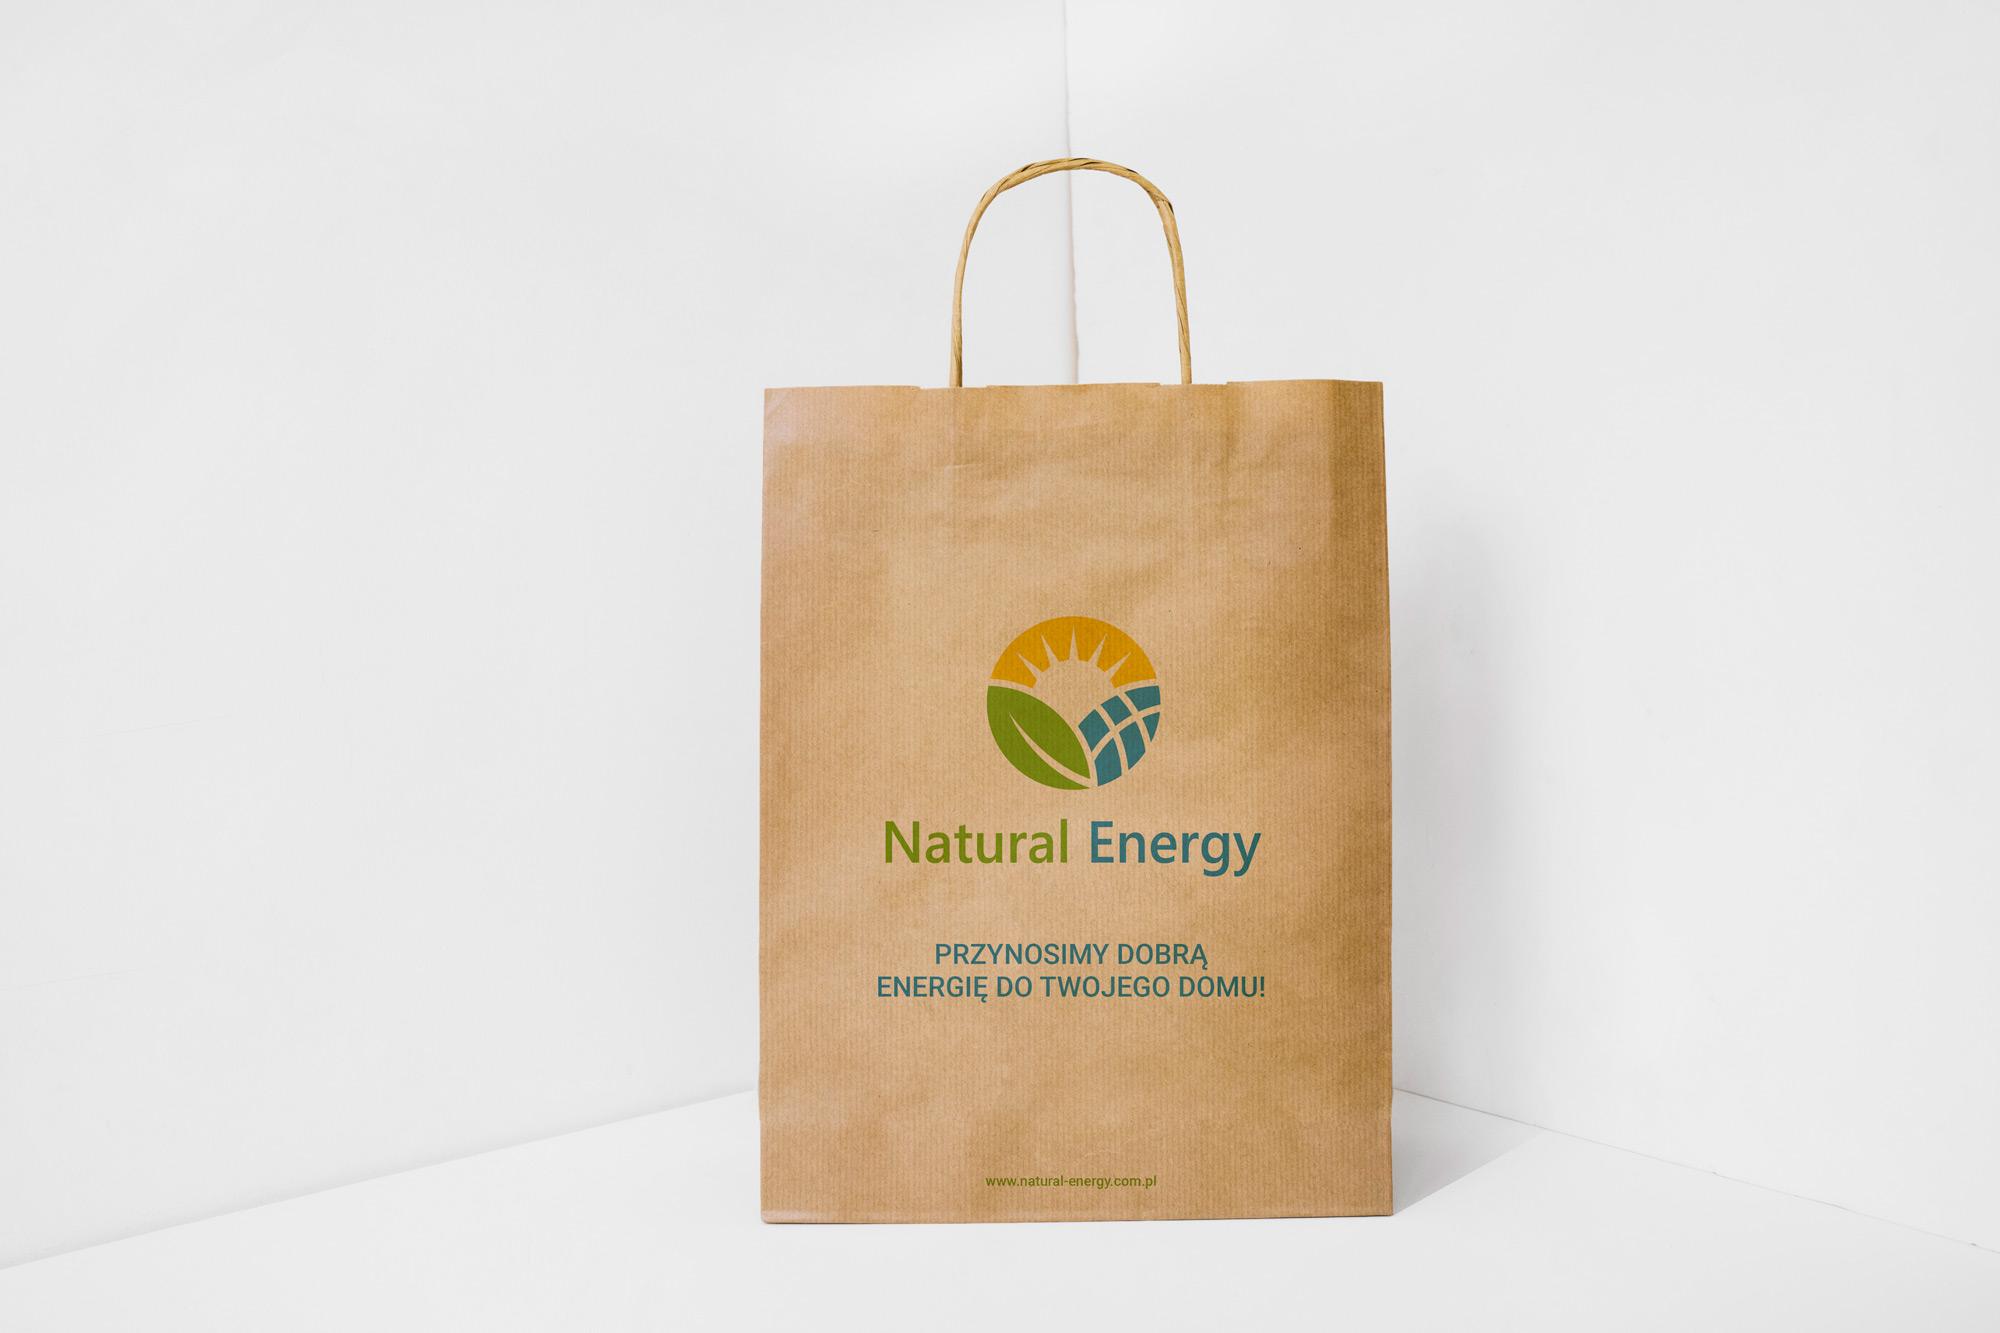 Projektowanie-graficzne-Natural-Energy-Gadżety-reklamowe-10